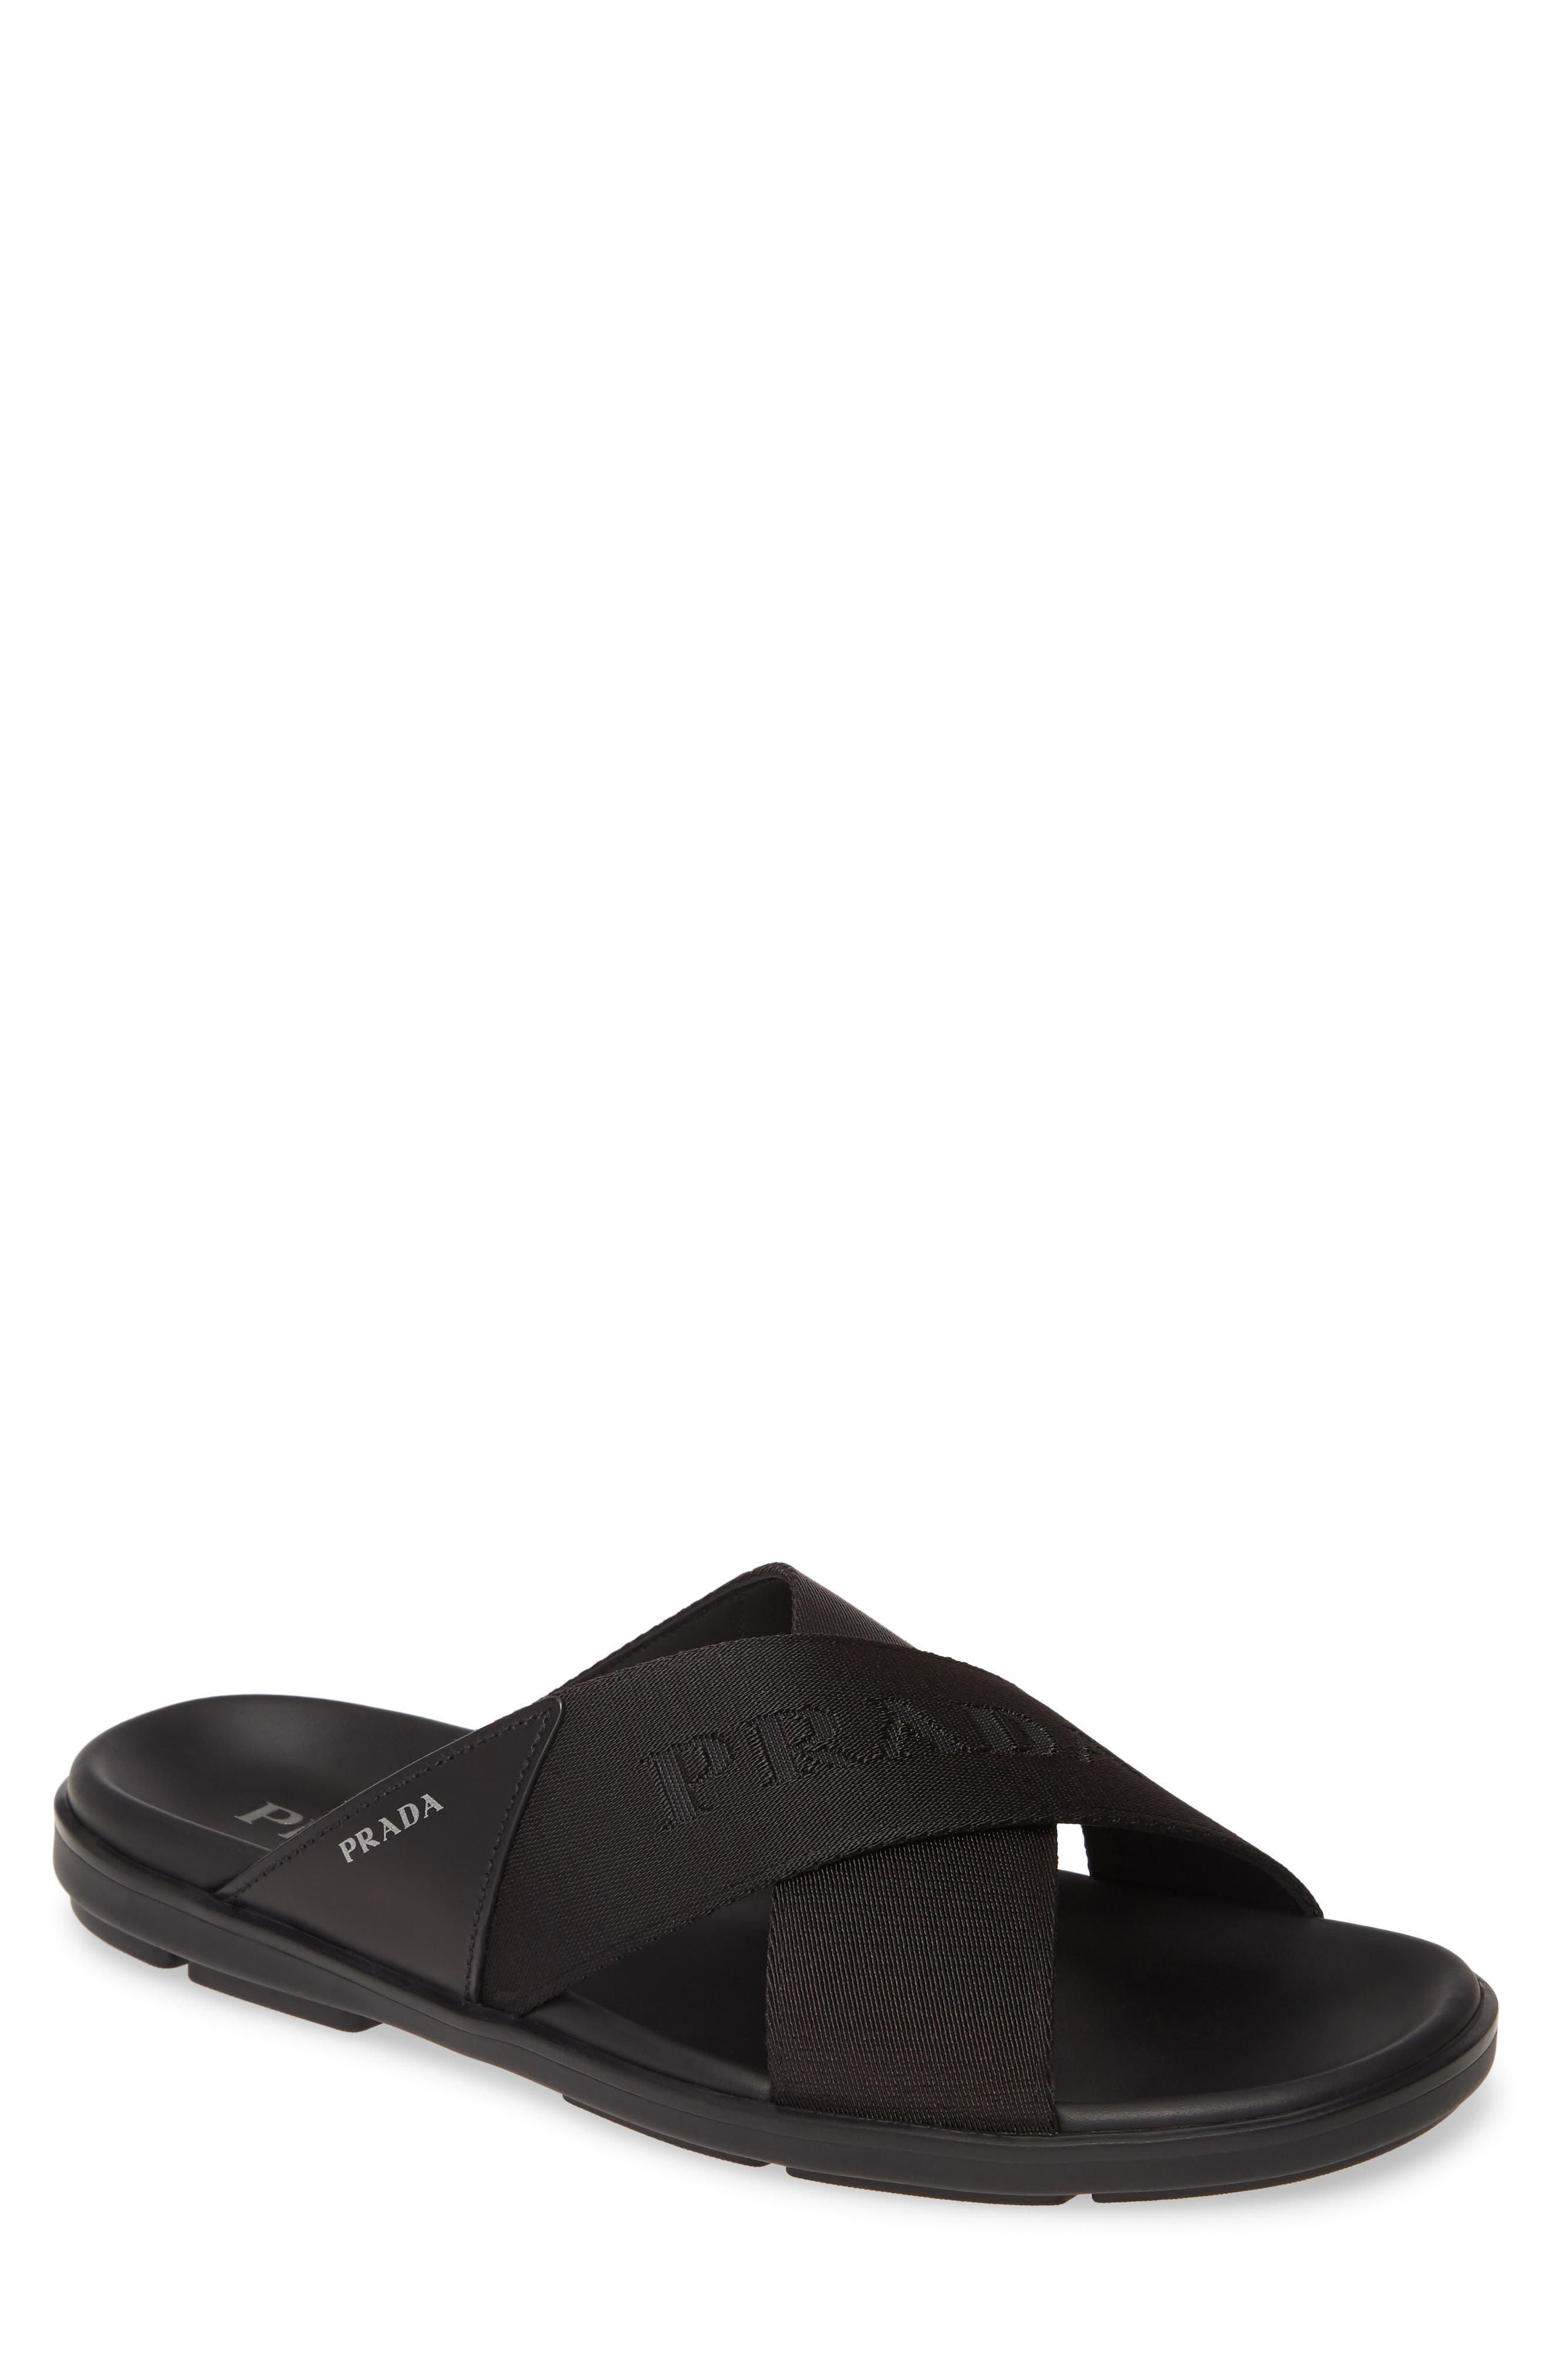 Prada Spazzolato Slide Sandal (Men